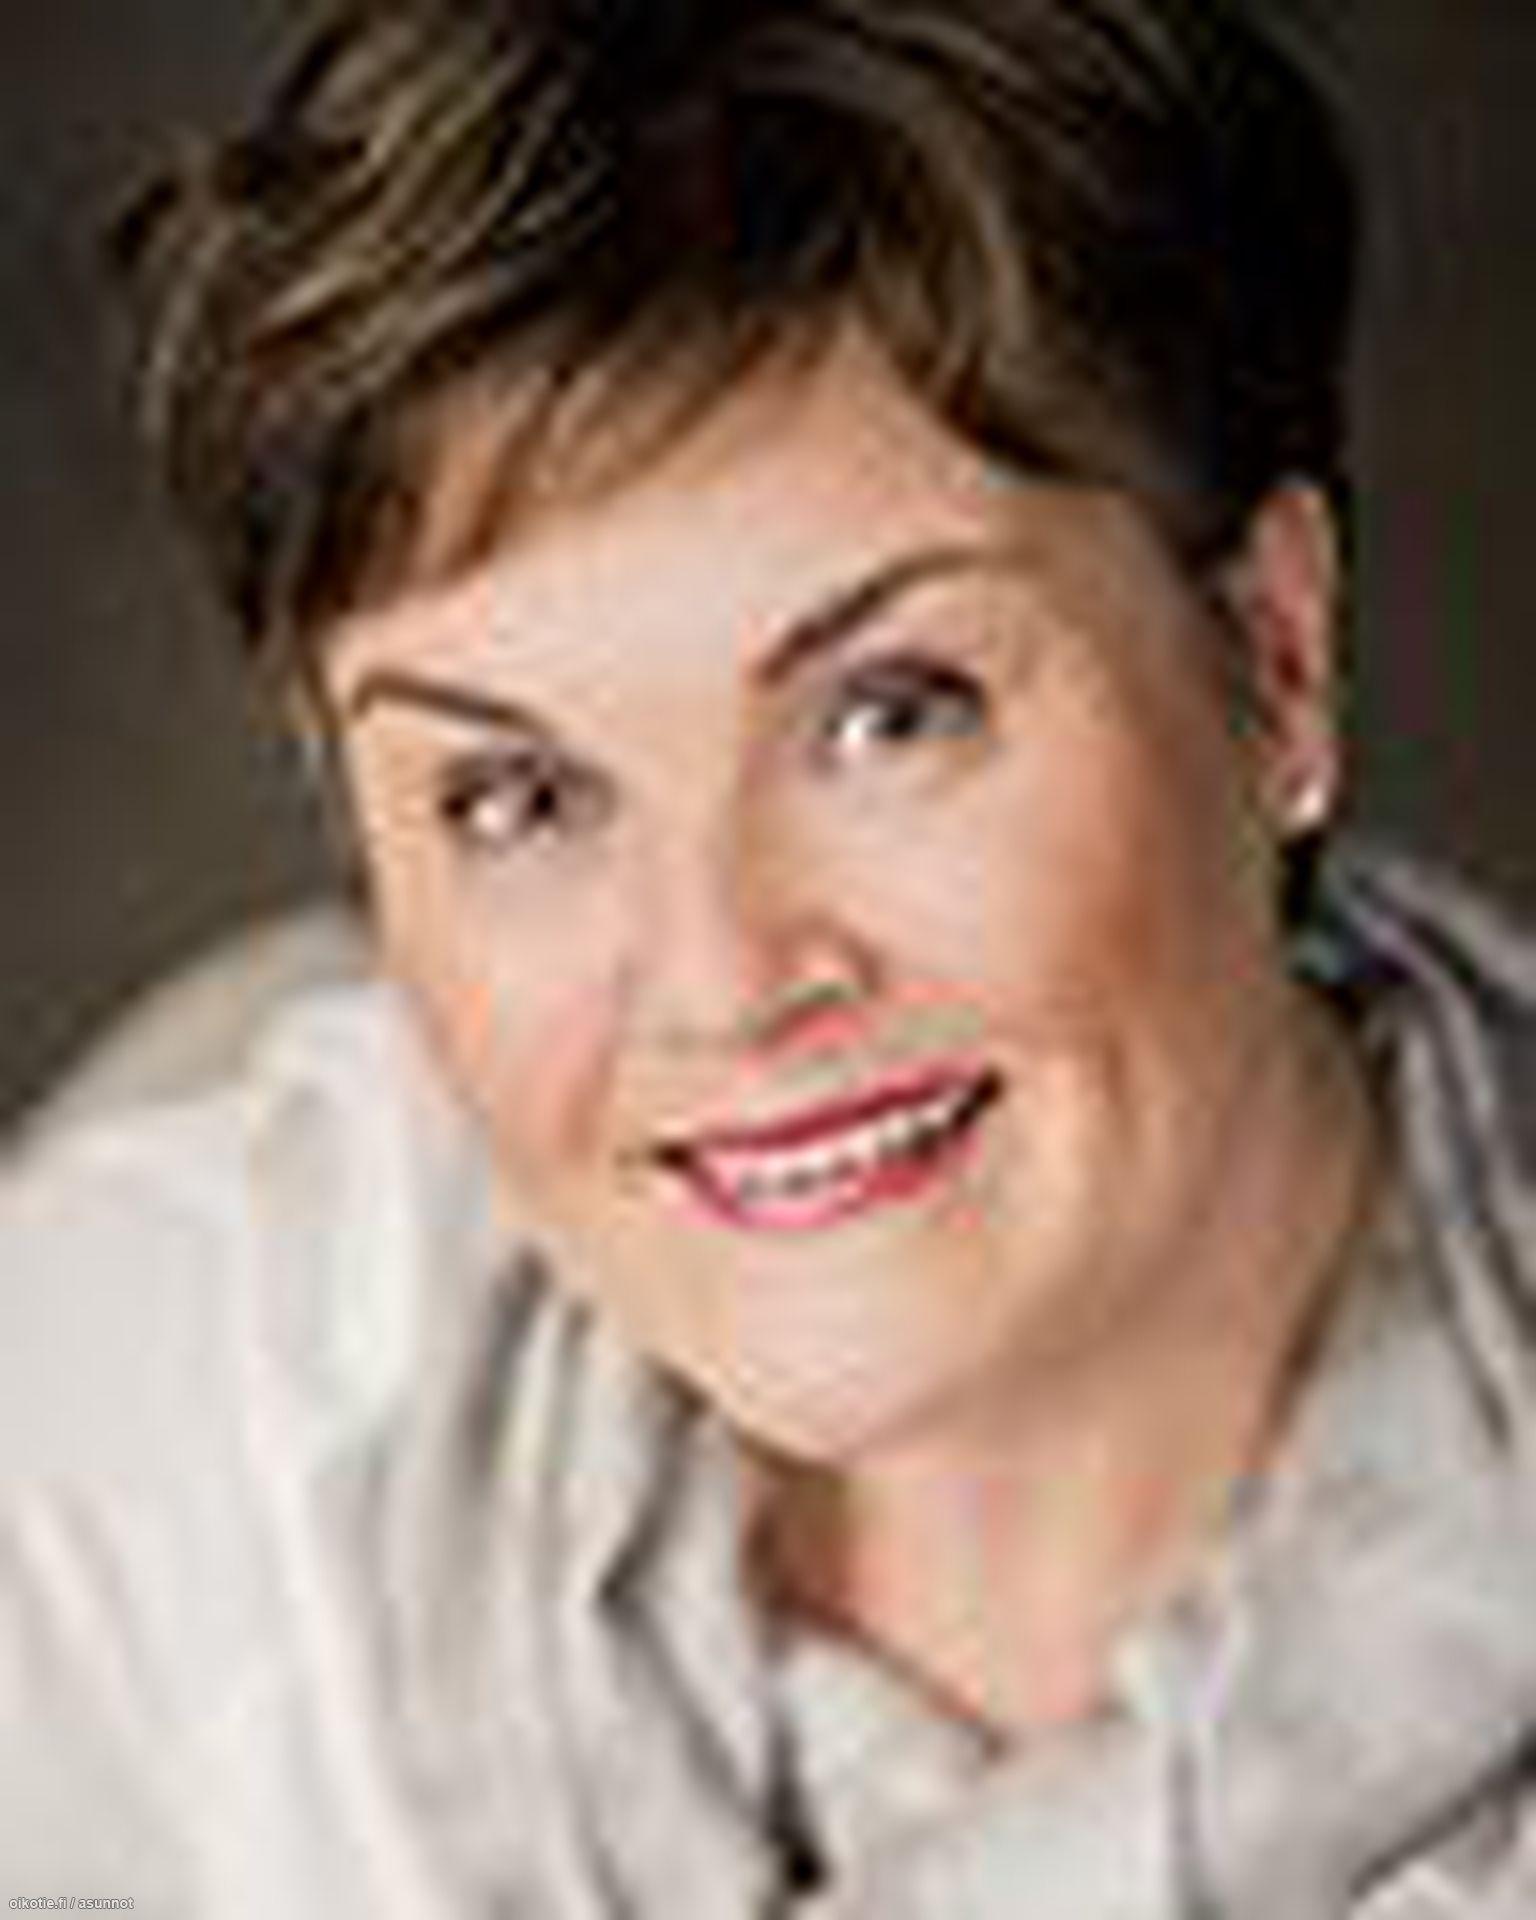 Anne Jokinen